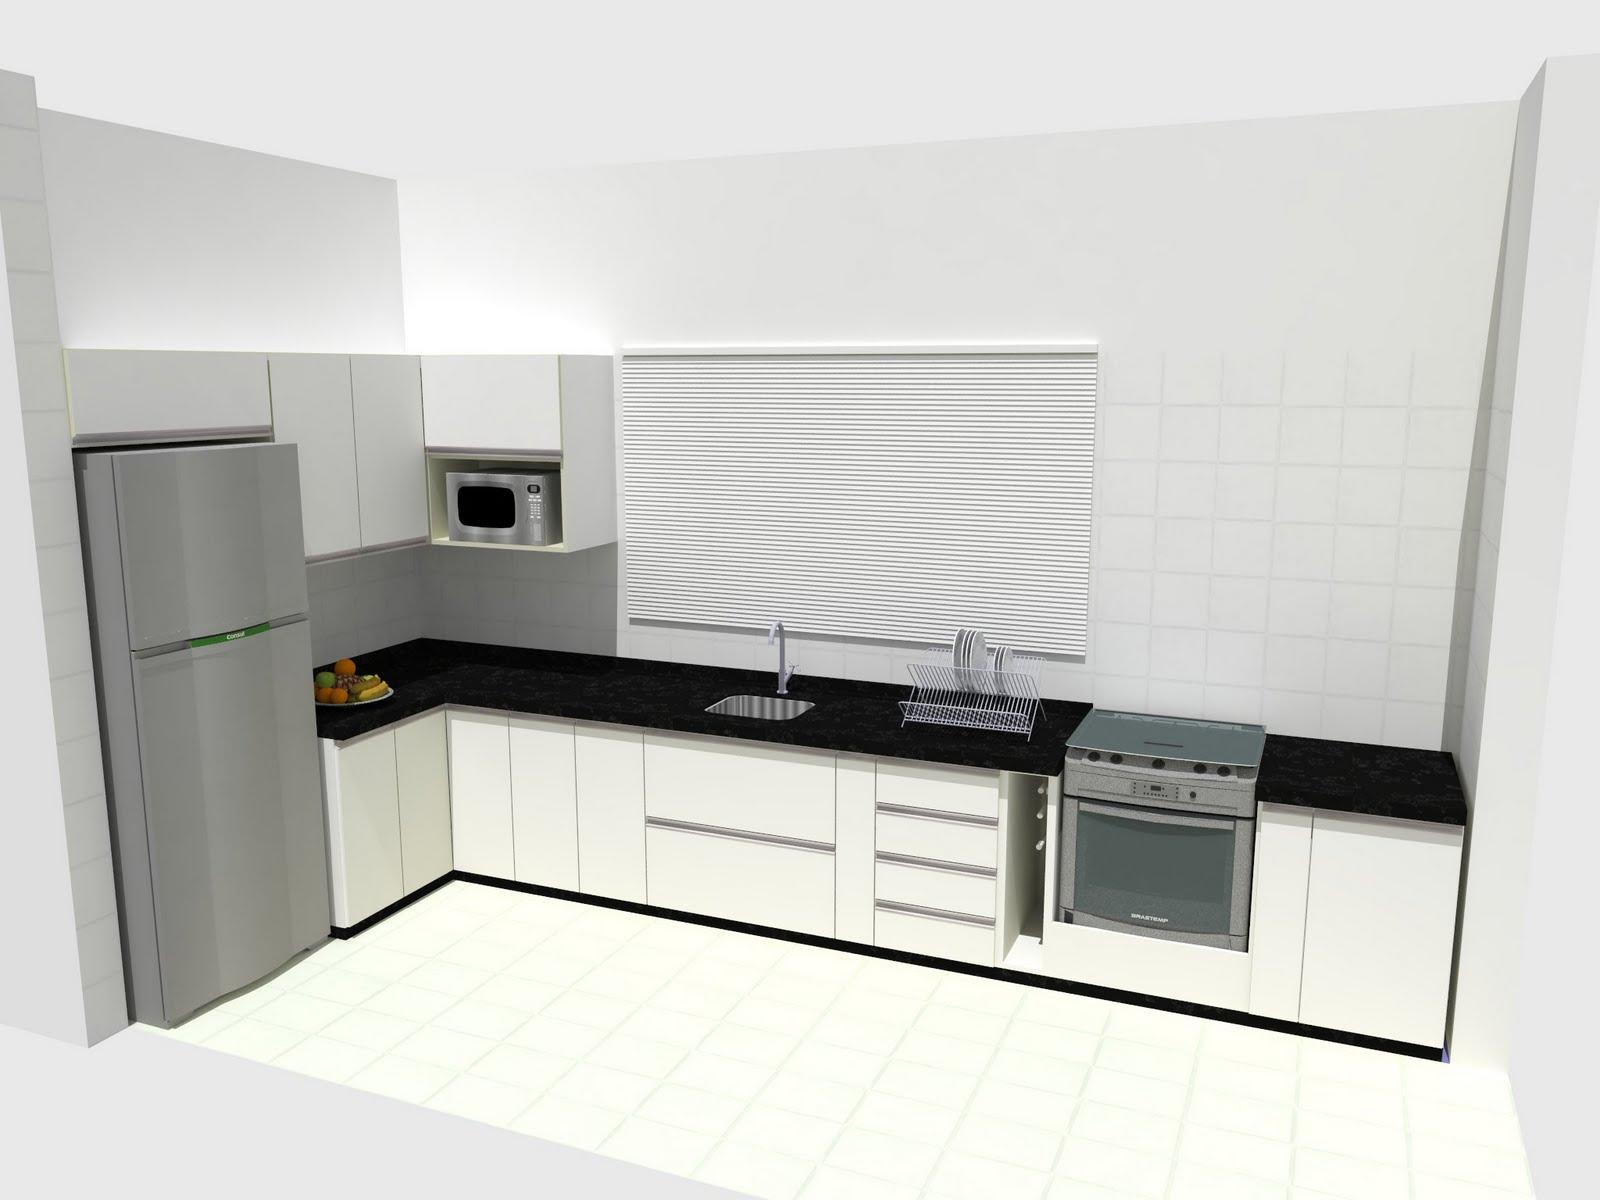 cozinha decorada balcao de marmore cozinha balcao pia de Quotes #694418 1600 1200